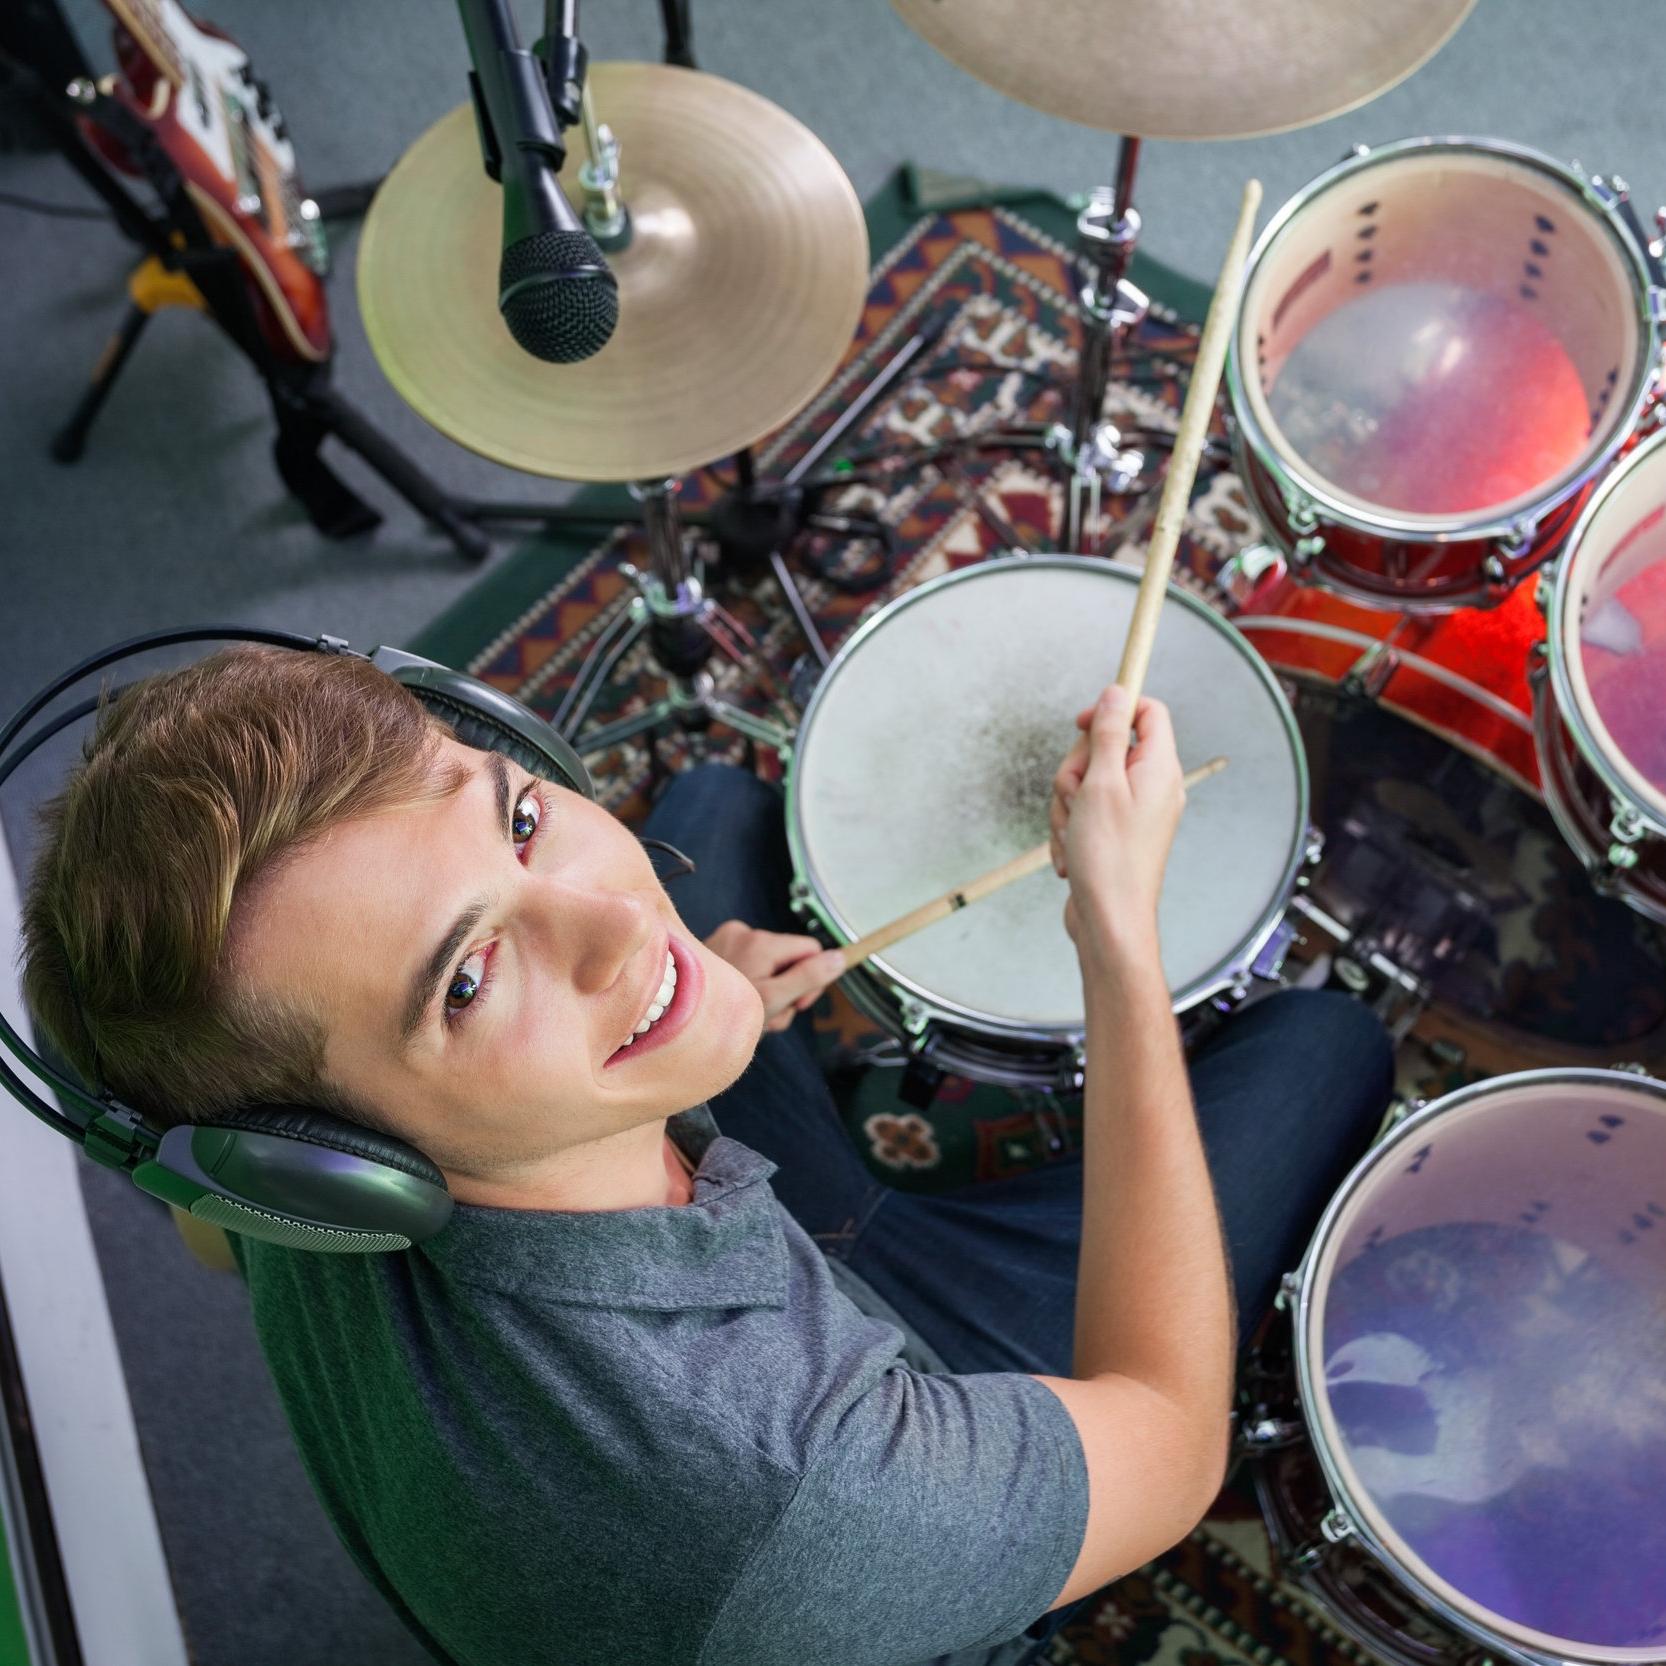 drum-lessons-orlando-8.jpg